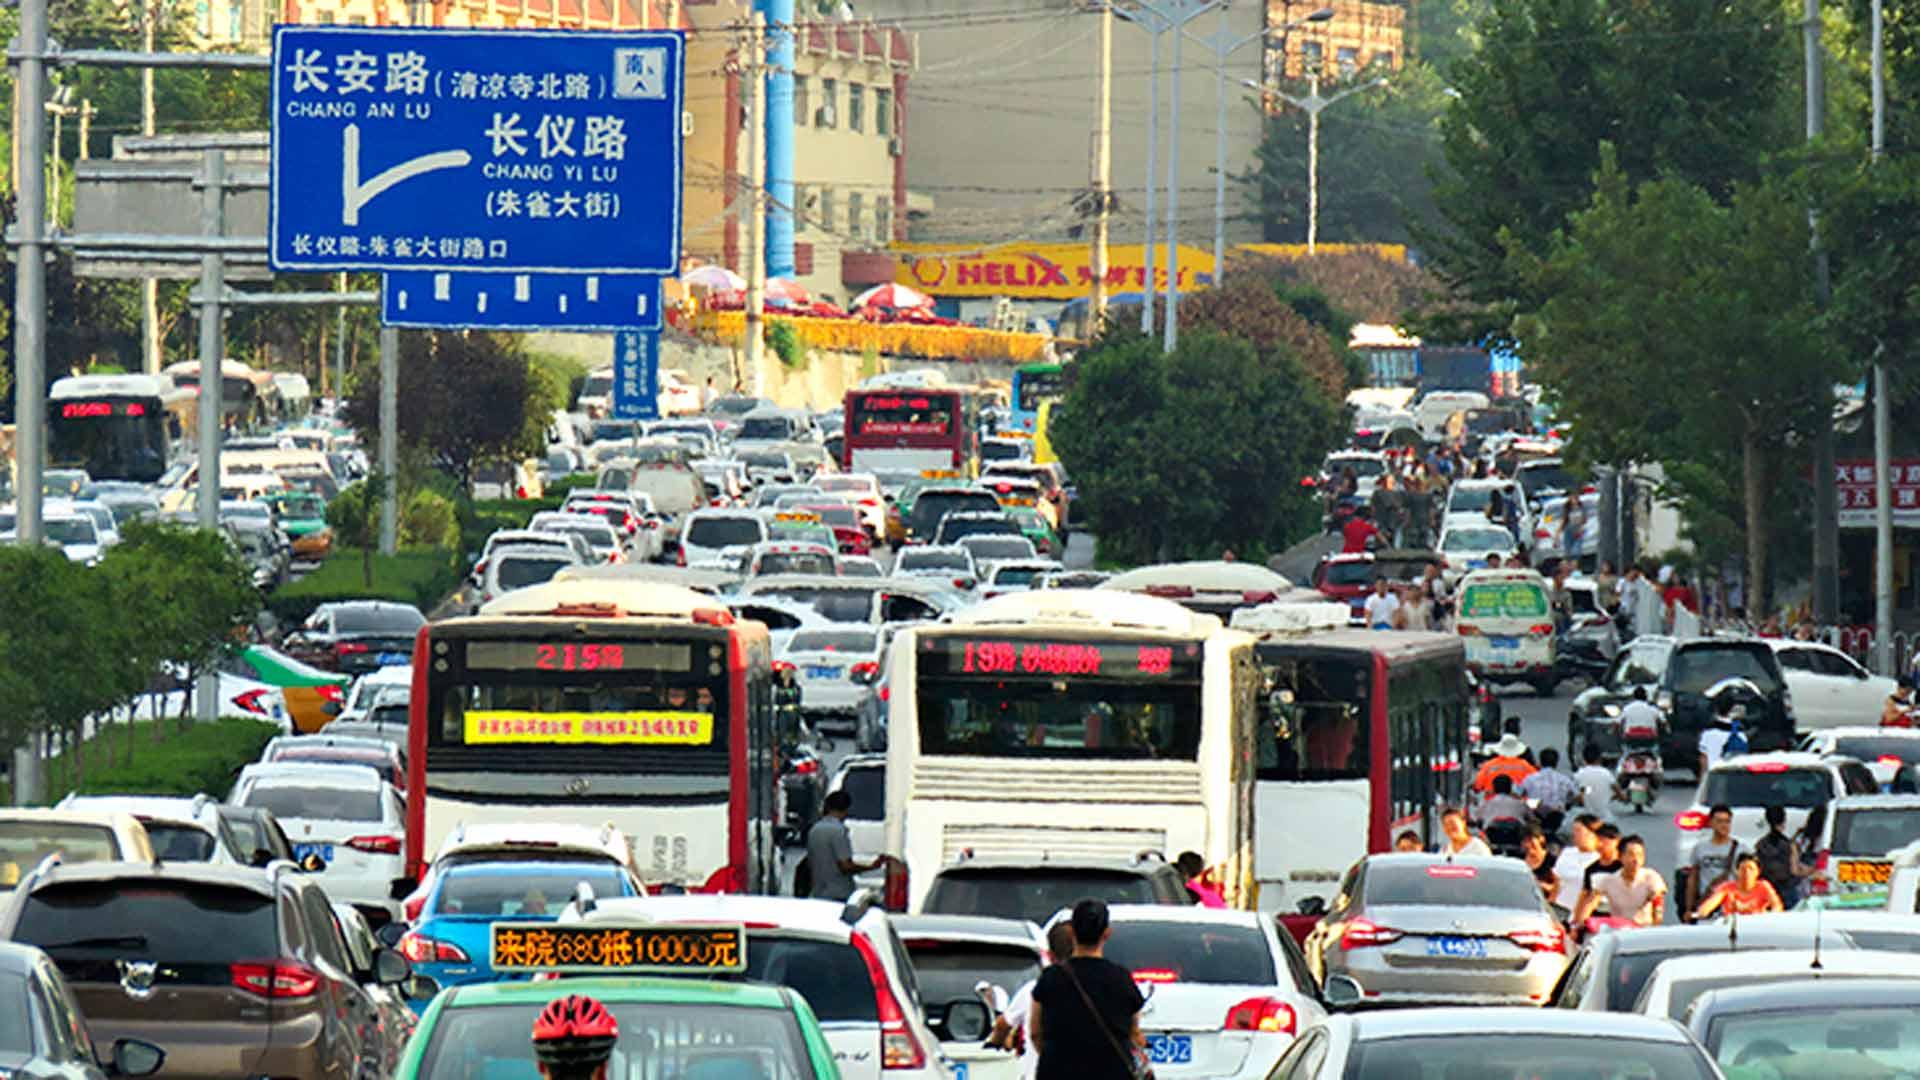 Xi'anin liikenne